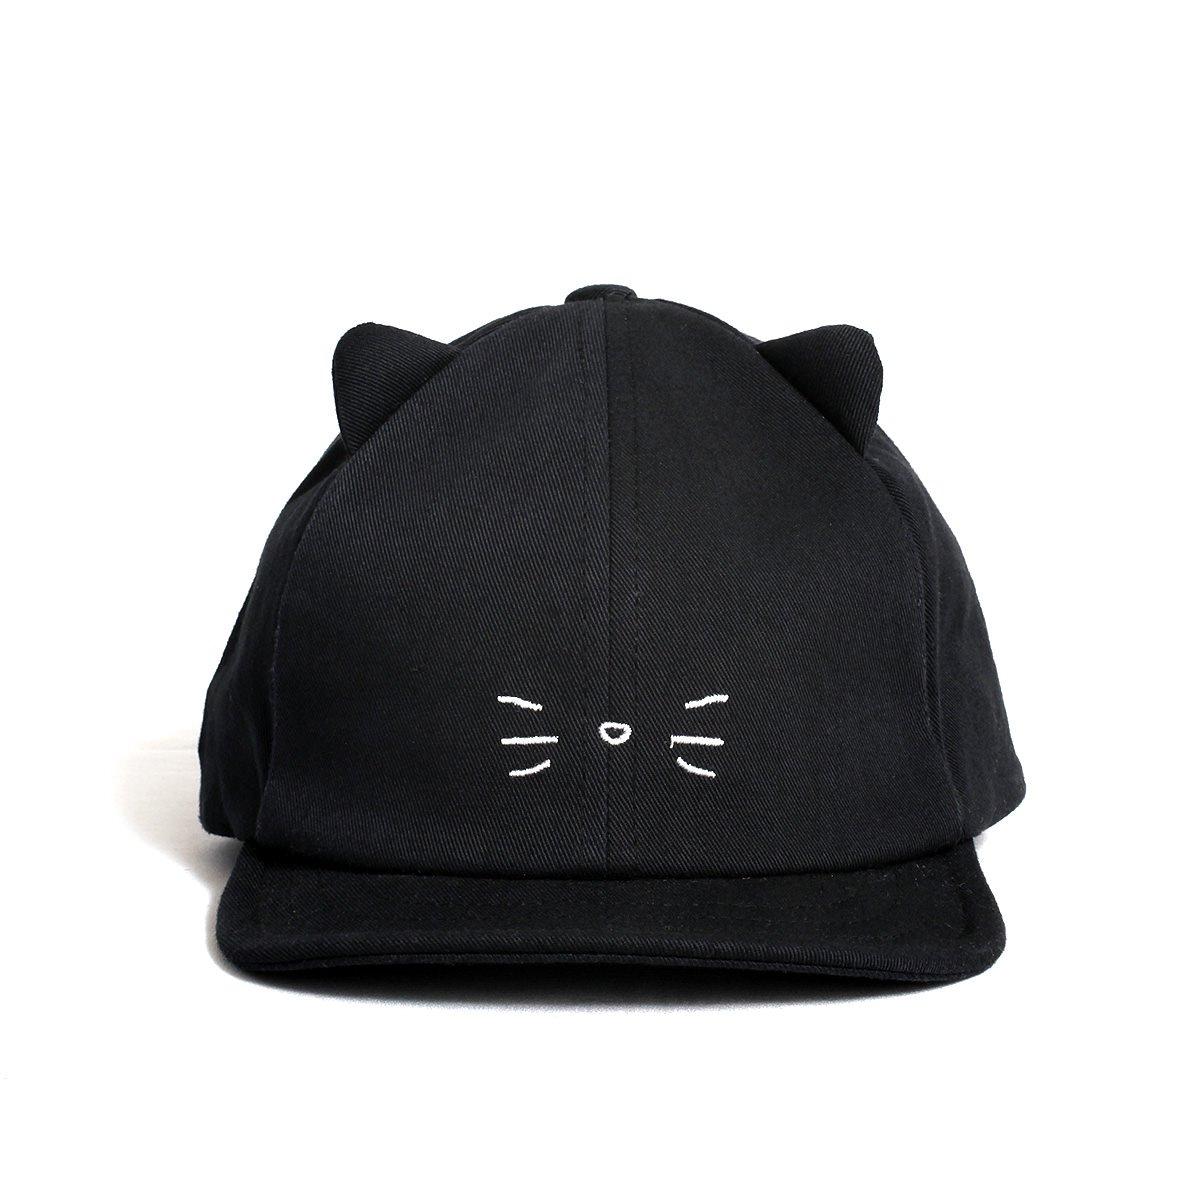 【BABY】Cat Ear Cap 詳細画像1